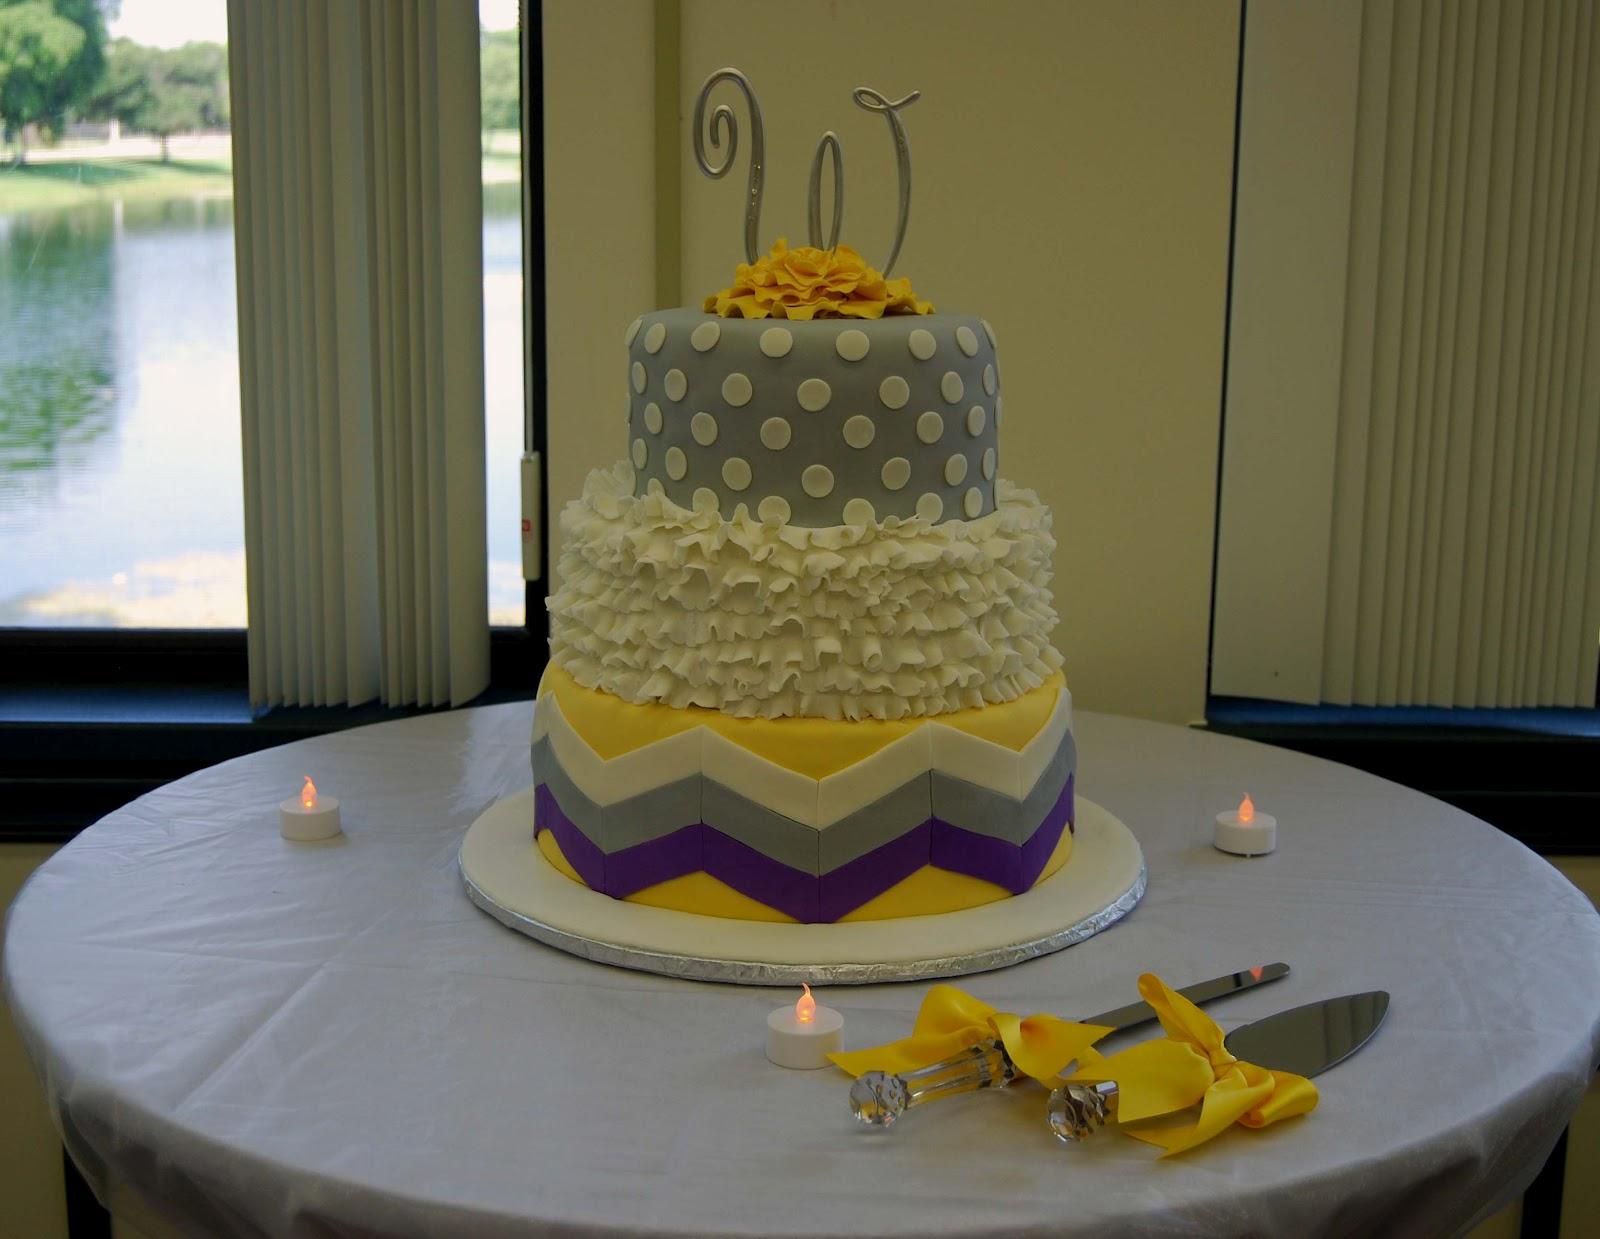 leelees cake abilities grey and yellow wedding cake